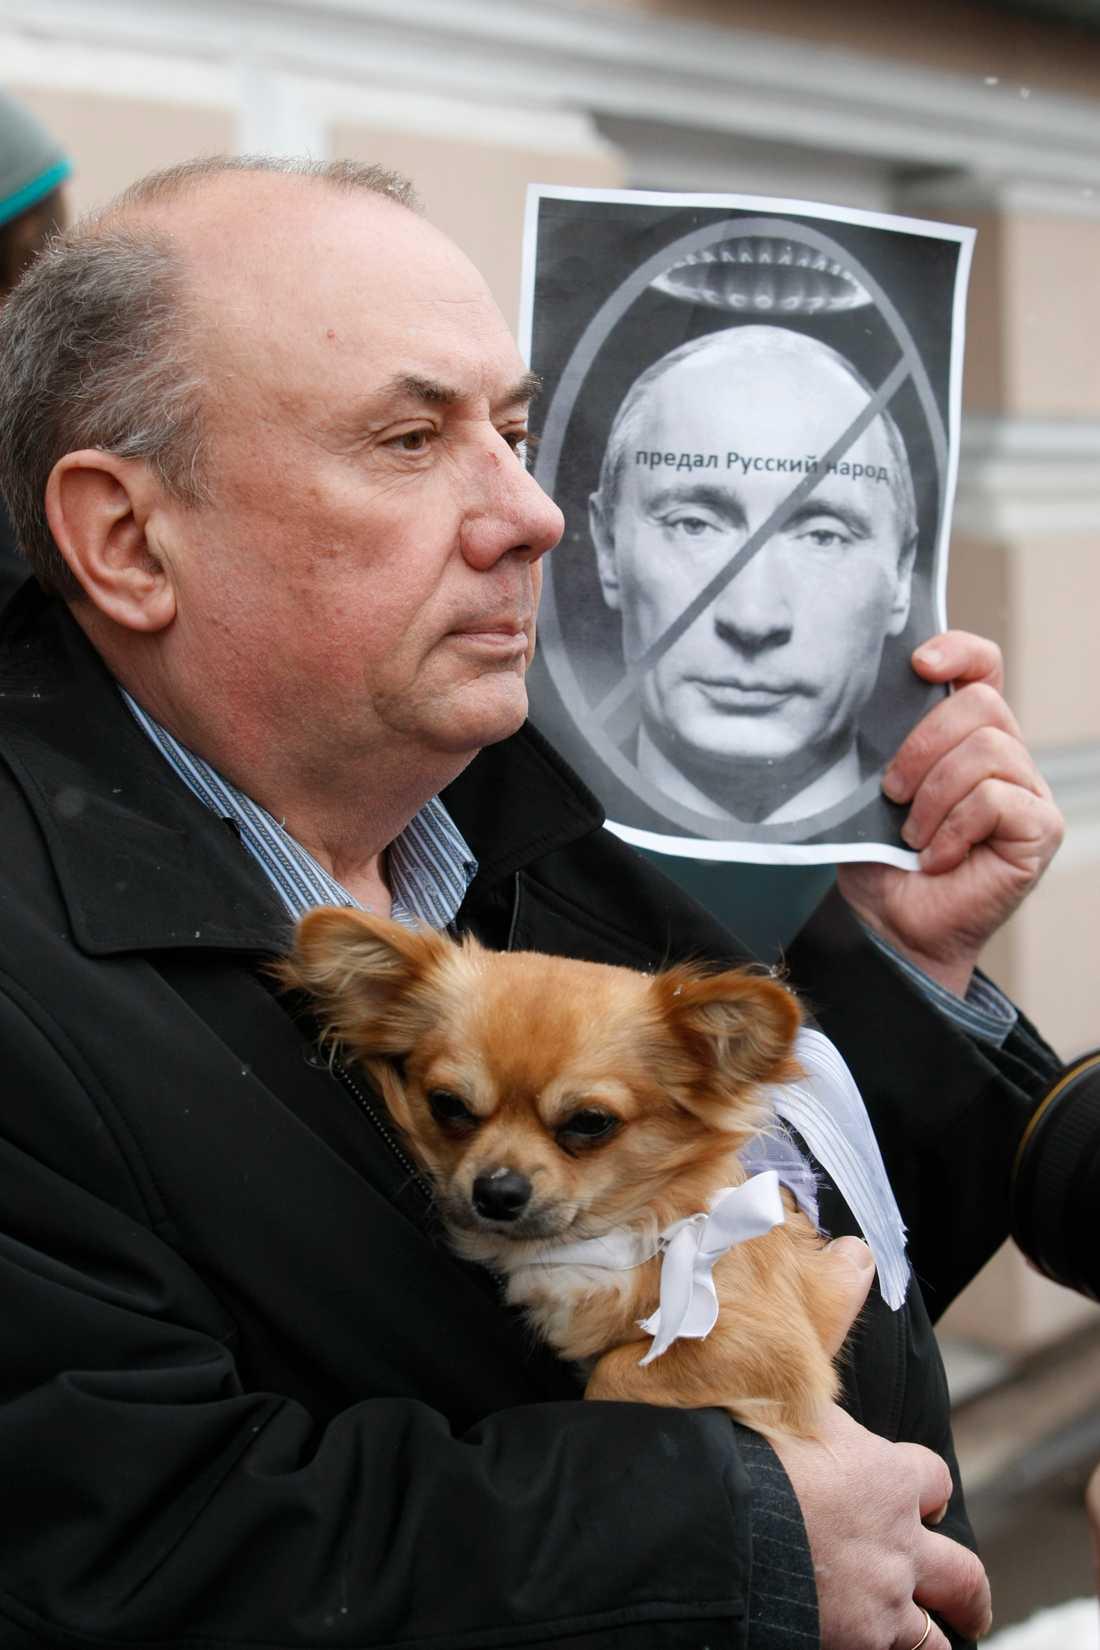 """Förråder ryska folket Mannen håller upp ett porträtt av Vladimir Putin med orden """"Förråder det ryska folket."""""""